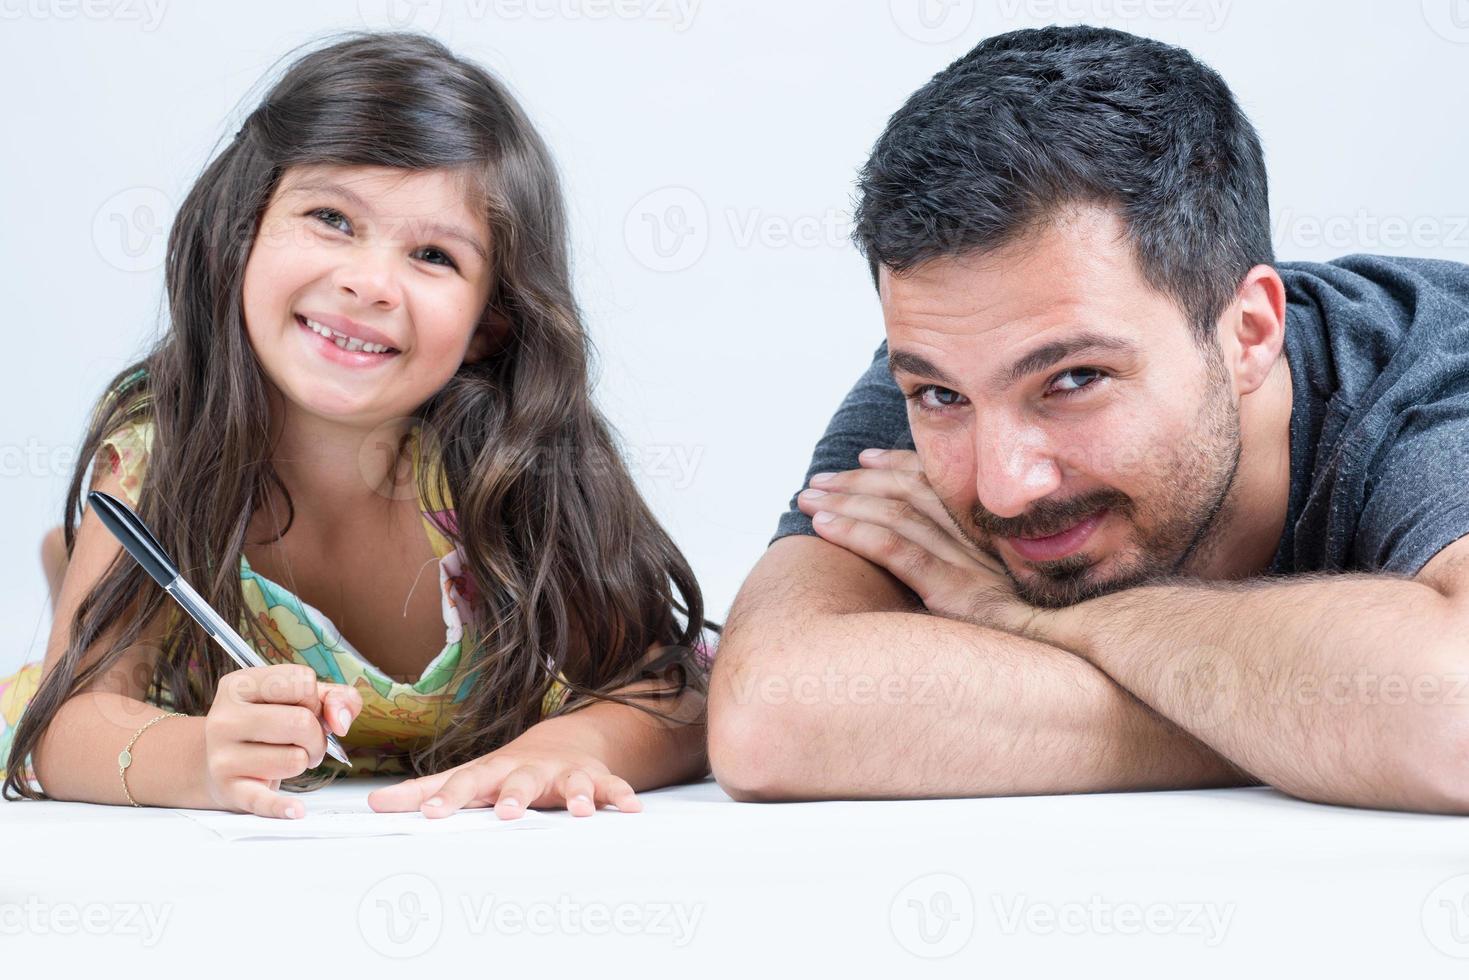 Tochter und Vater haben Spaß zusammen foto